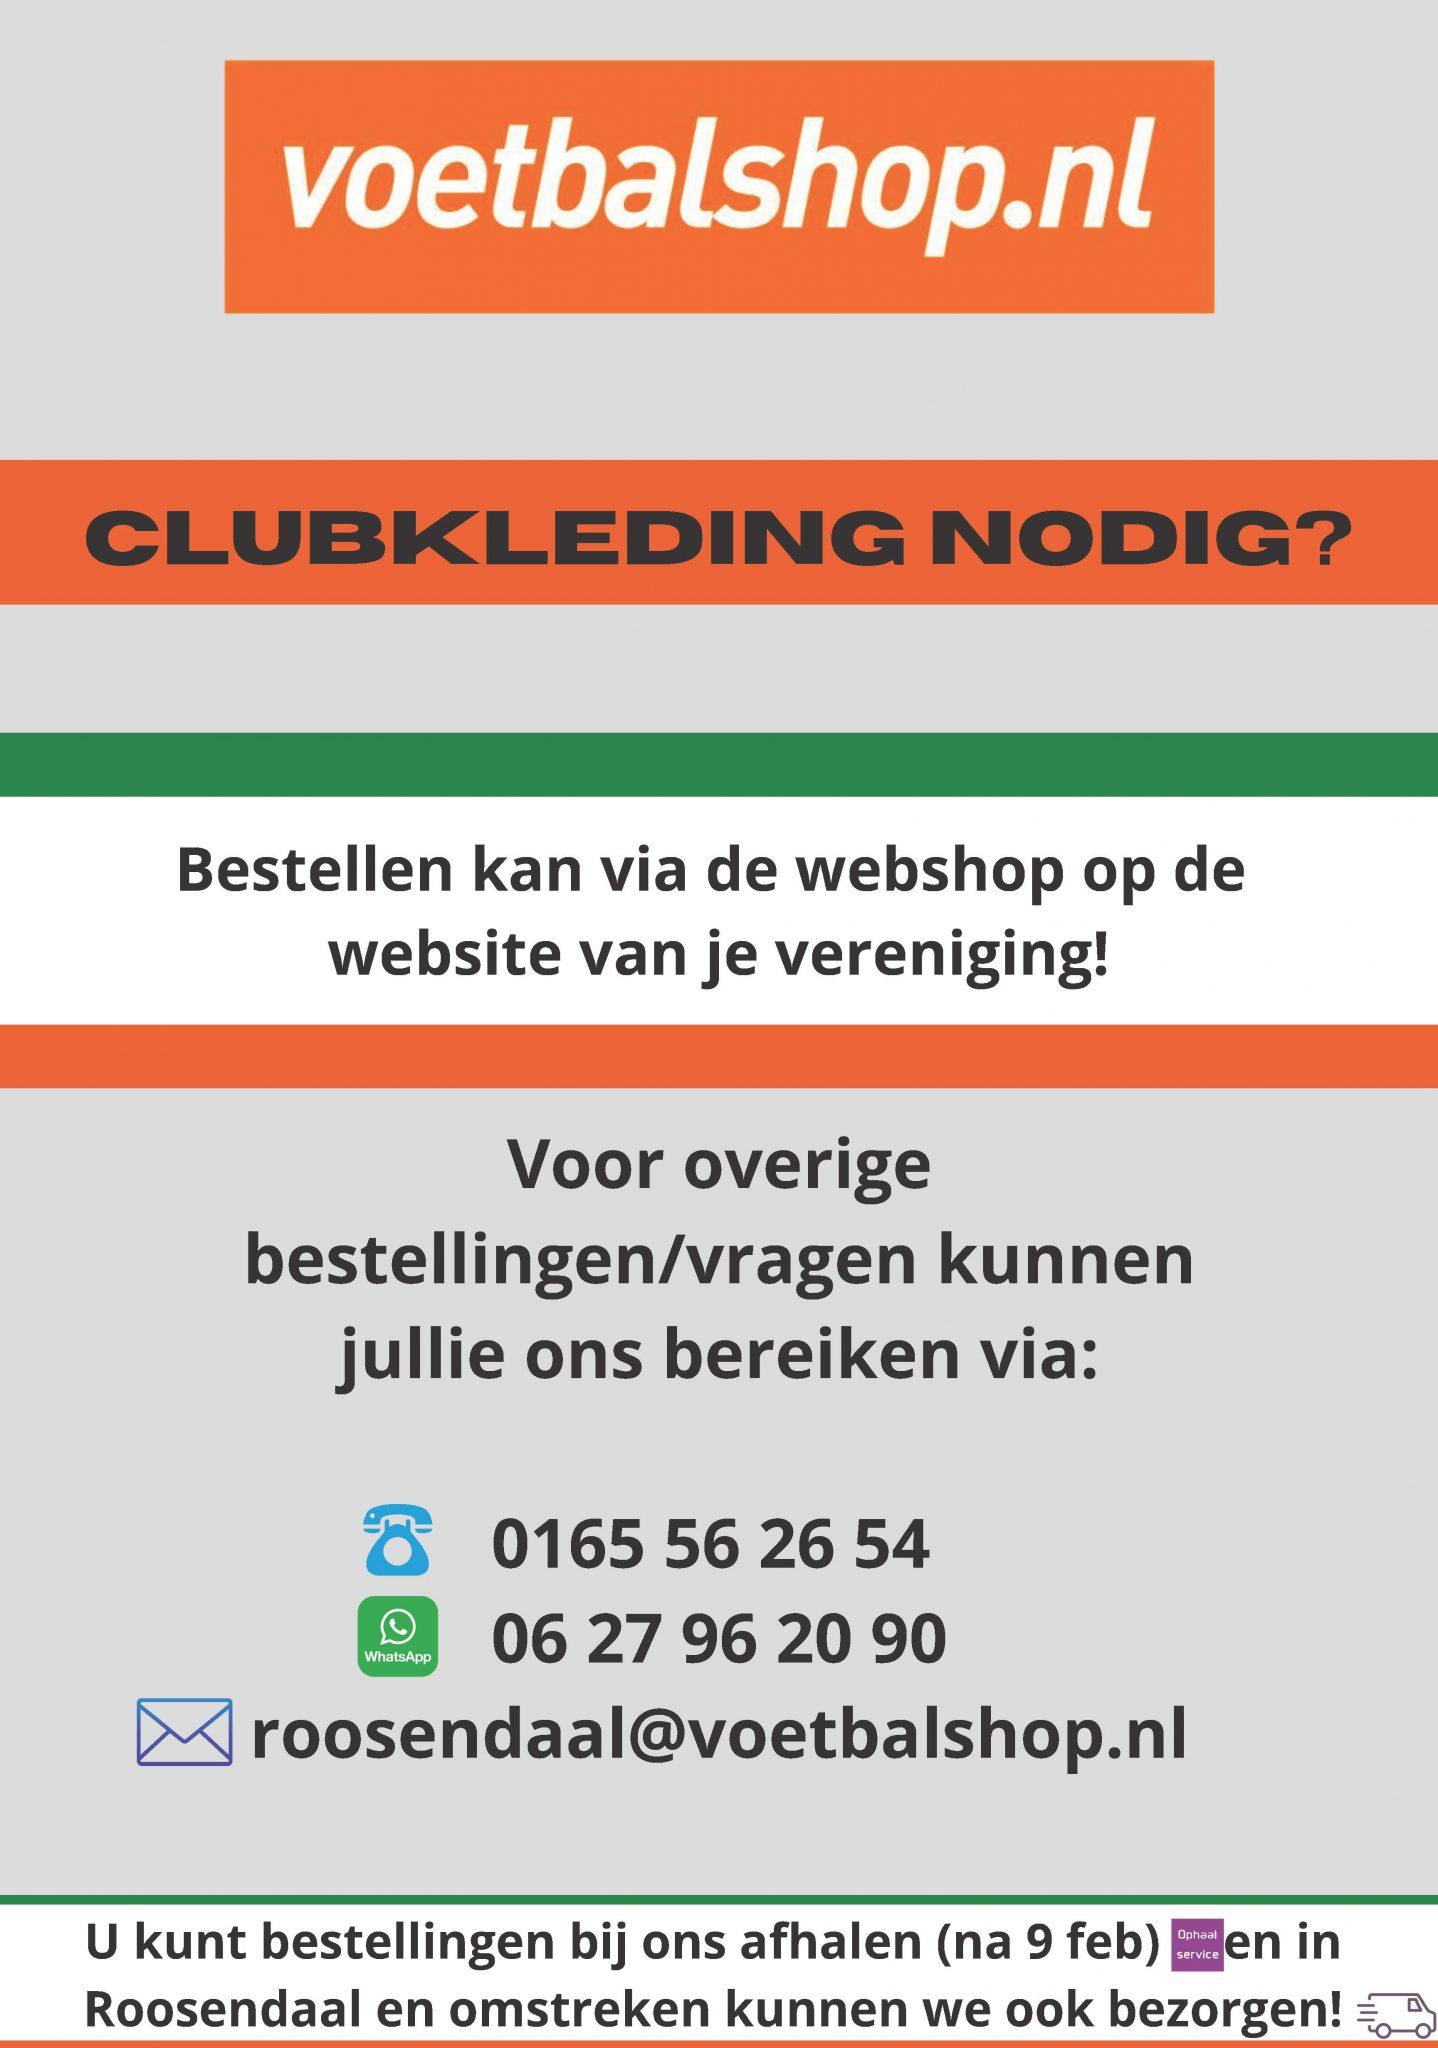 Clubkleding nodig? Bestel ze bij voetbalshop.nl